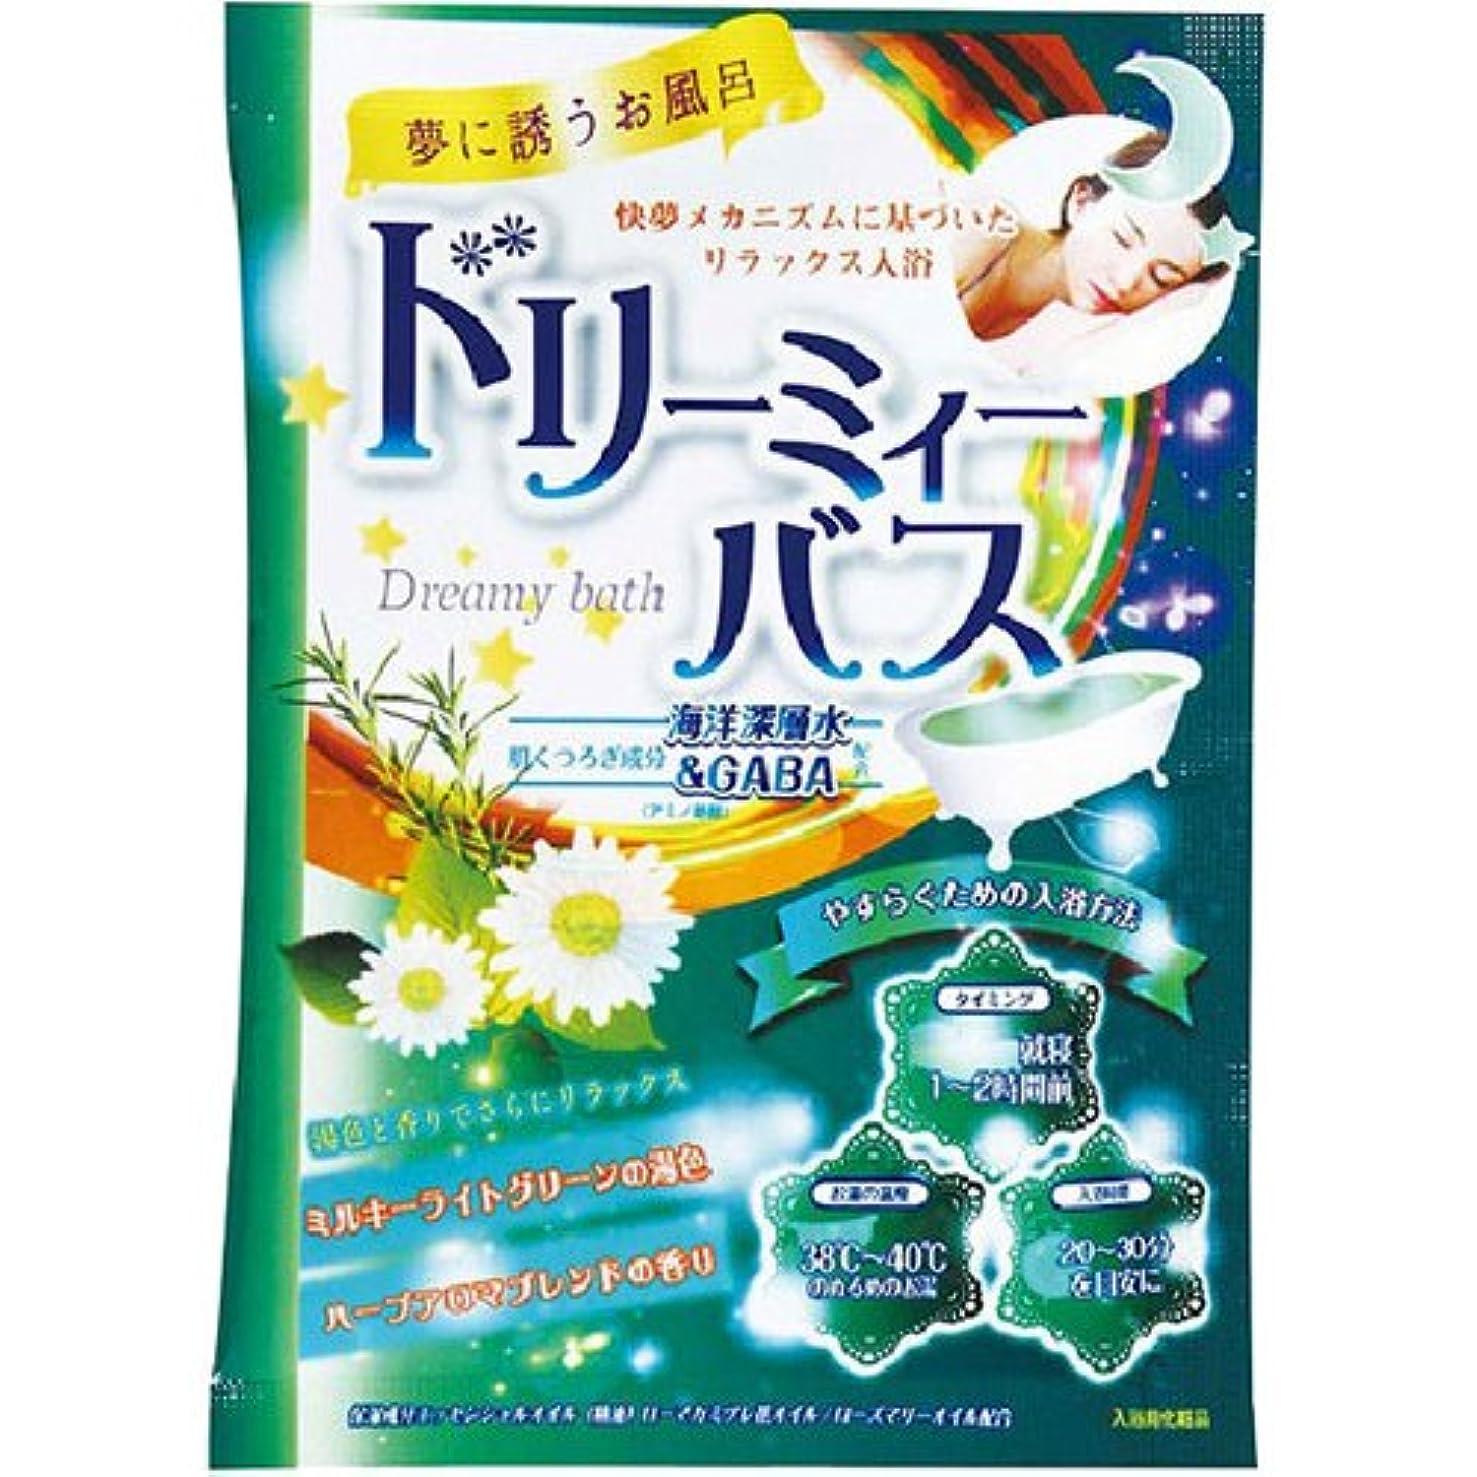 スカルク八ペットドリーミィーバス ハーブアロマブレンドの香り 50g